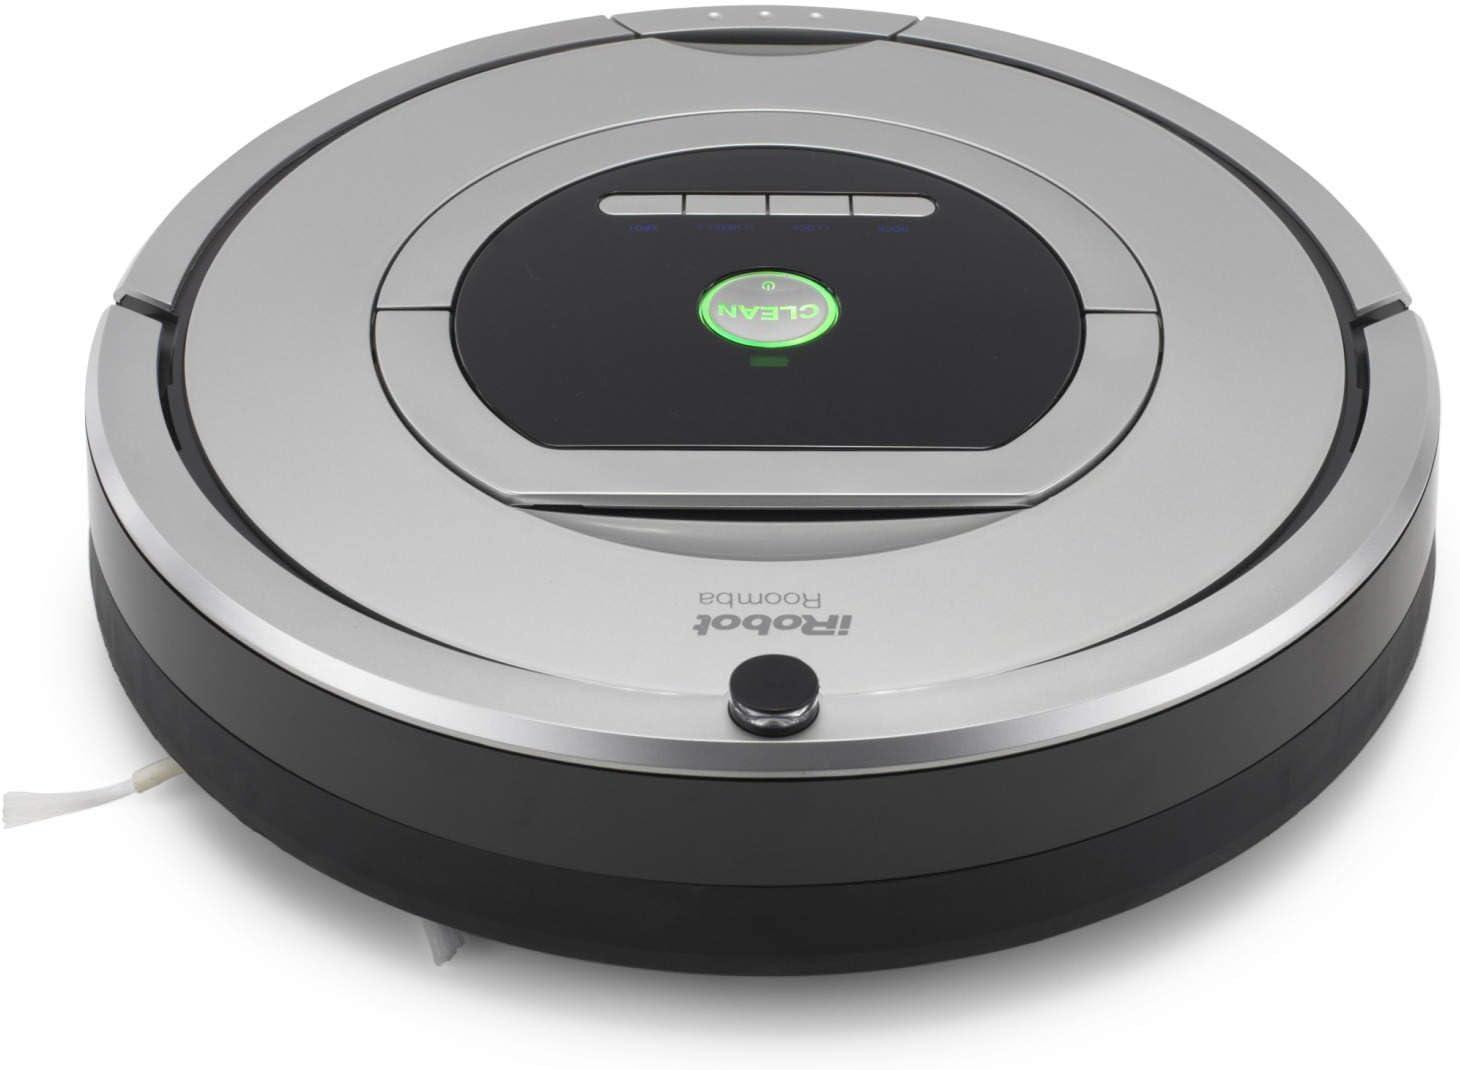 Robot Aspirador Roomba 760: Amazon.es: Hogar